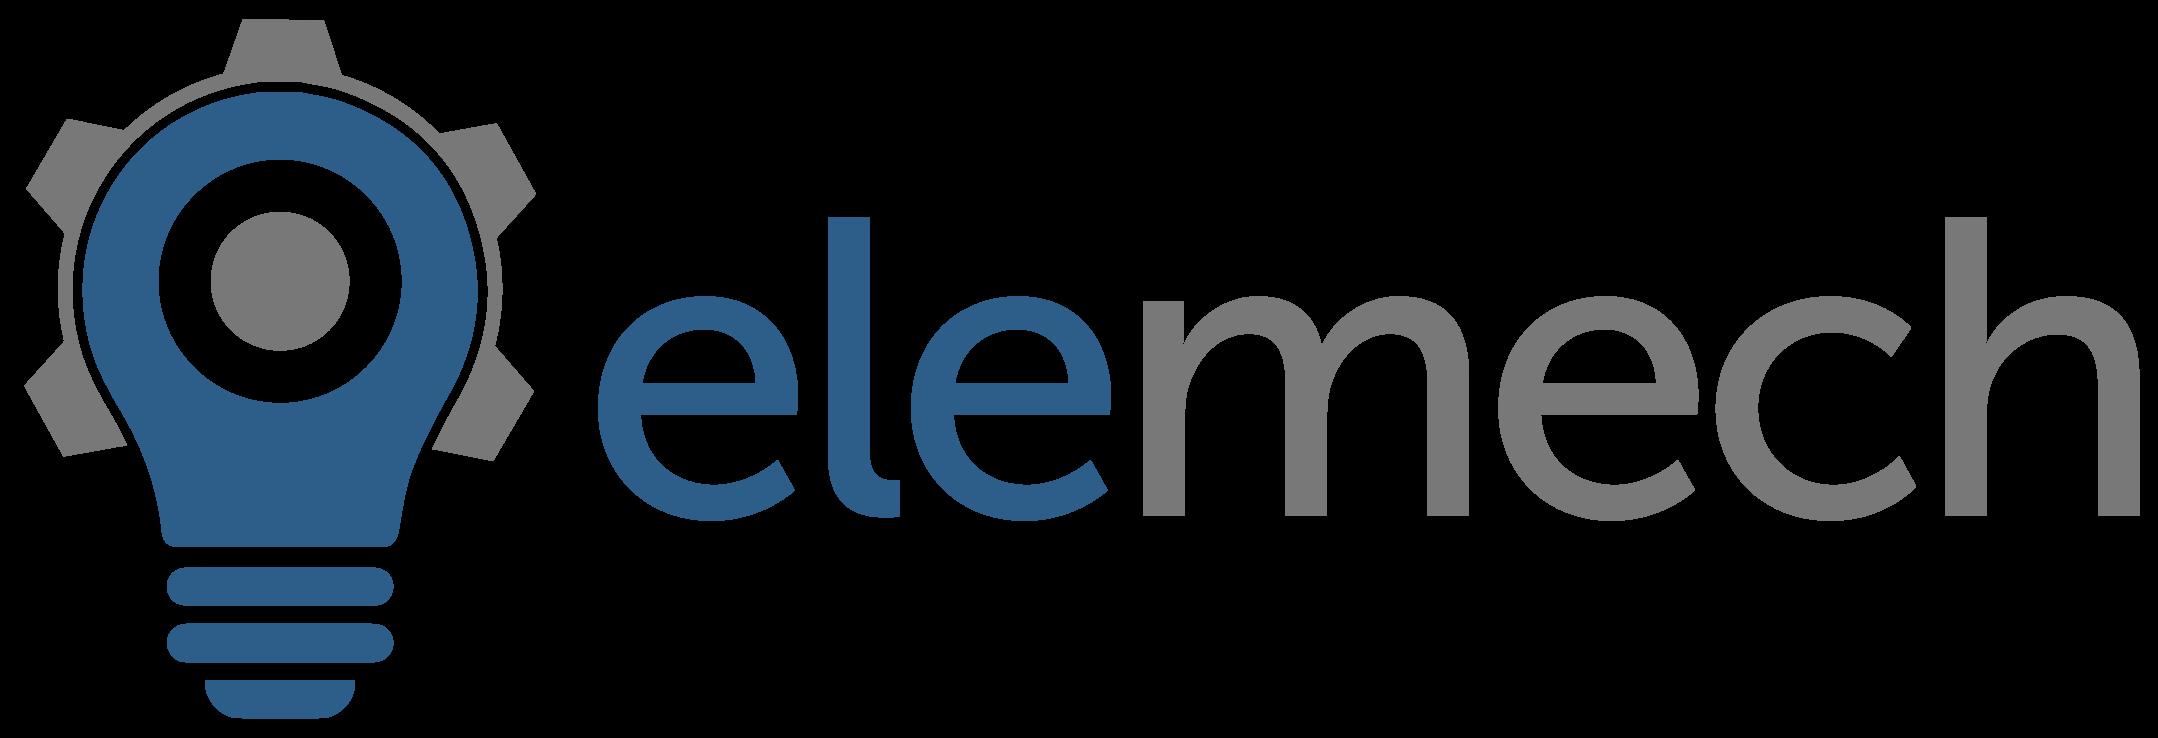 elemech.gr